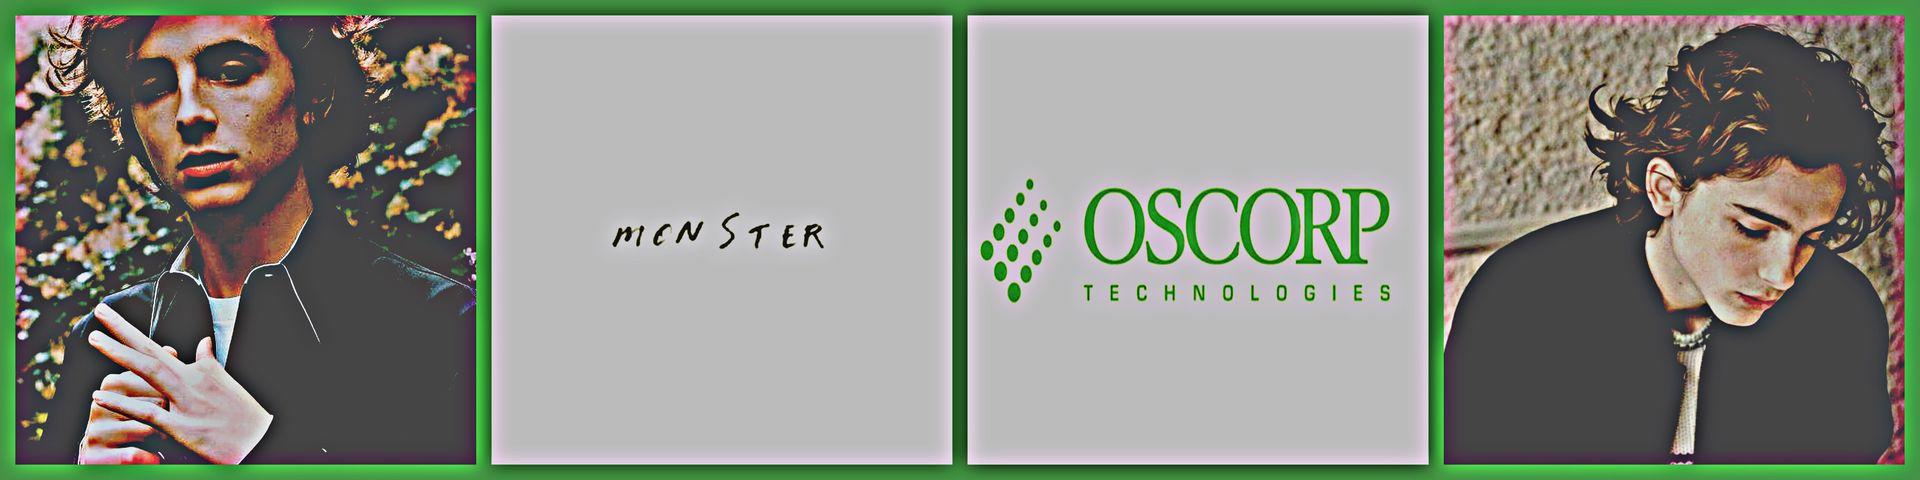 Oscorp's Future CEO | MB ' S - Intro - Wattpad